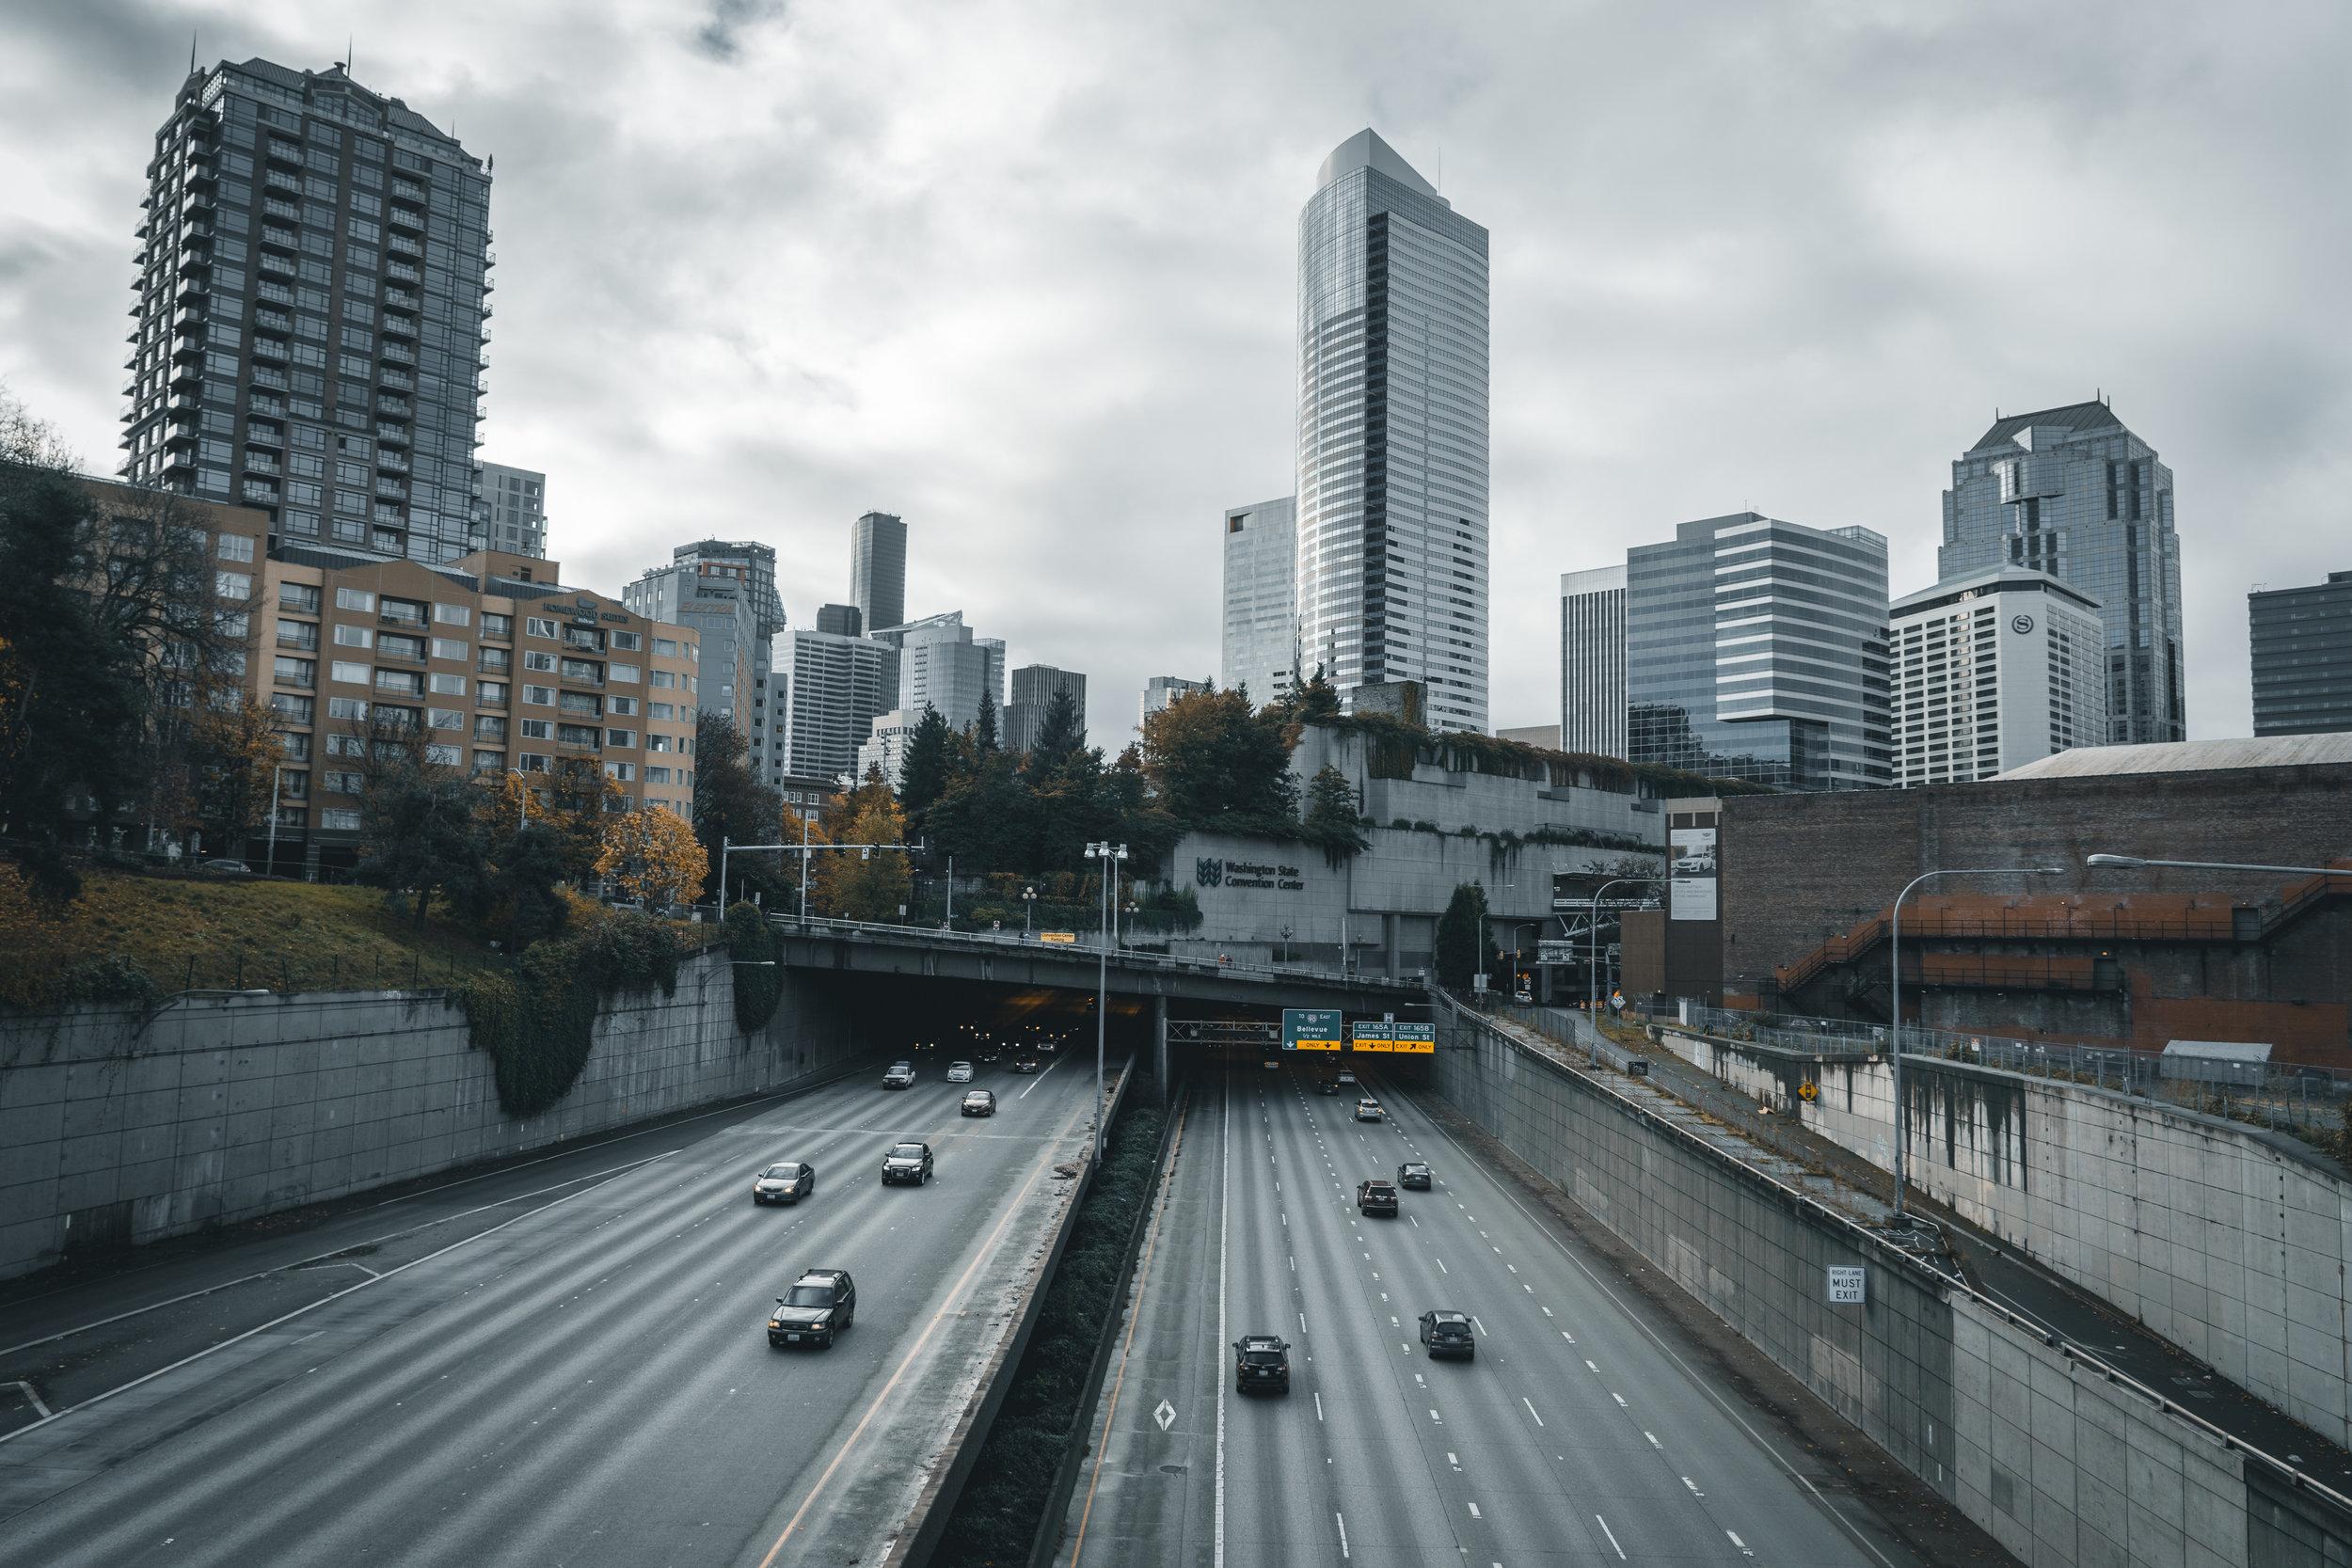 © 2018 Jared Kessler, Seattle, Wa.